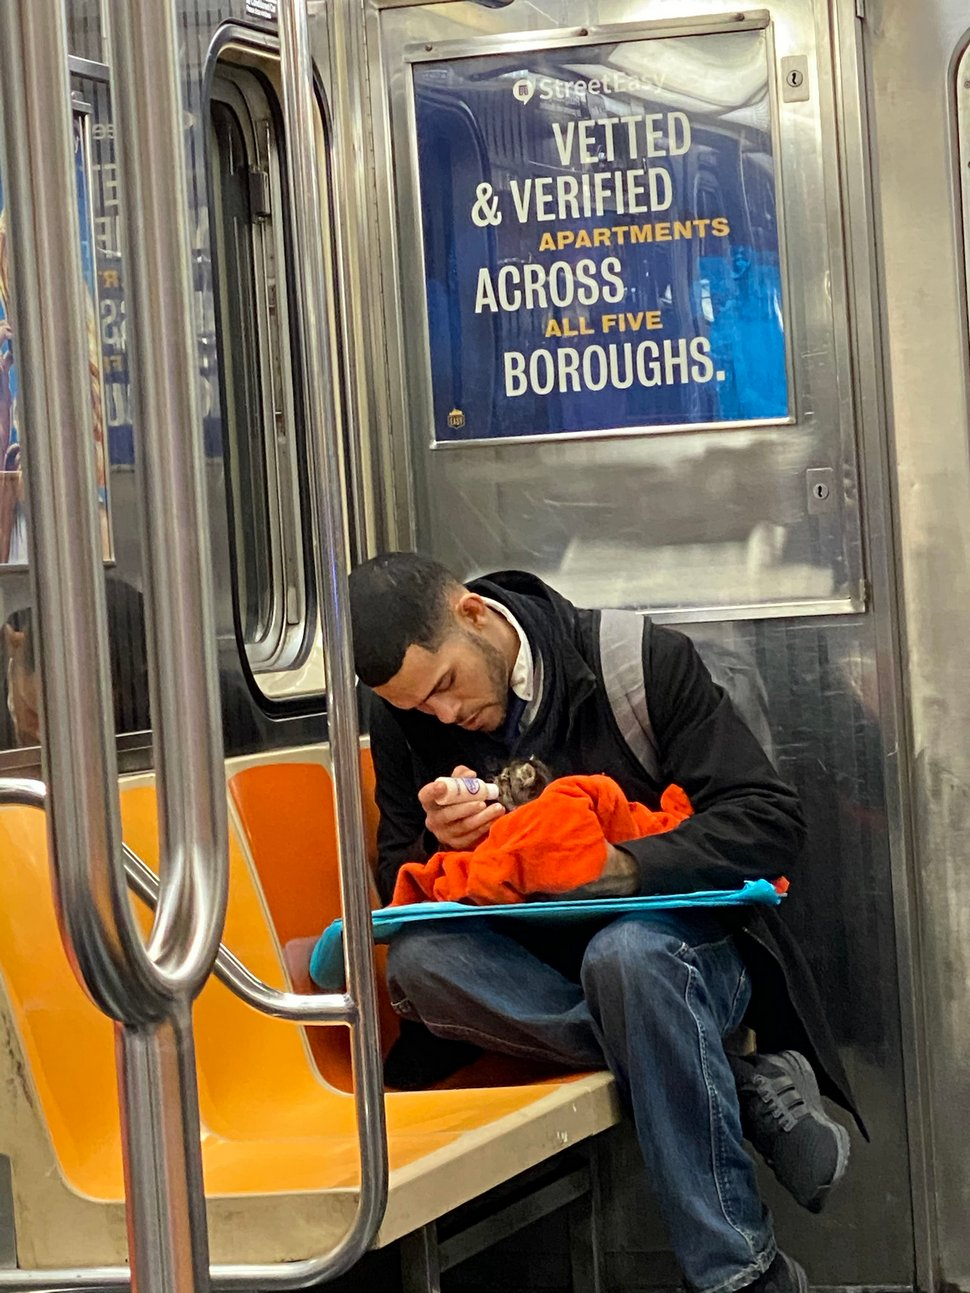 Un homme vu avec un minuscule chaton dans le métro redonne confiance aux gens en l'humanité